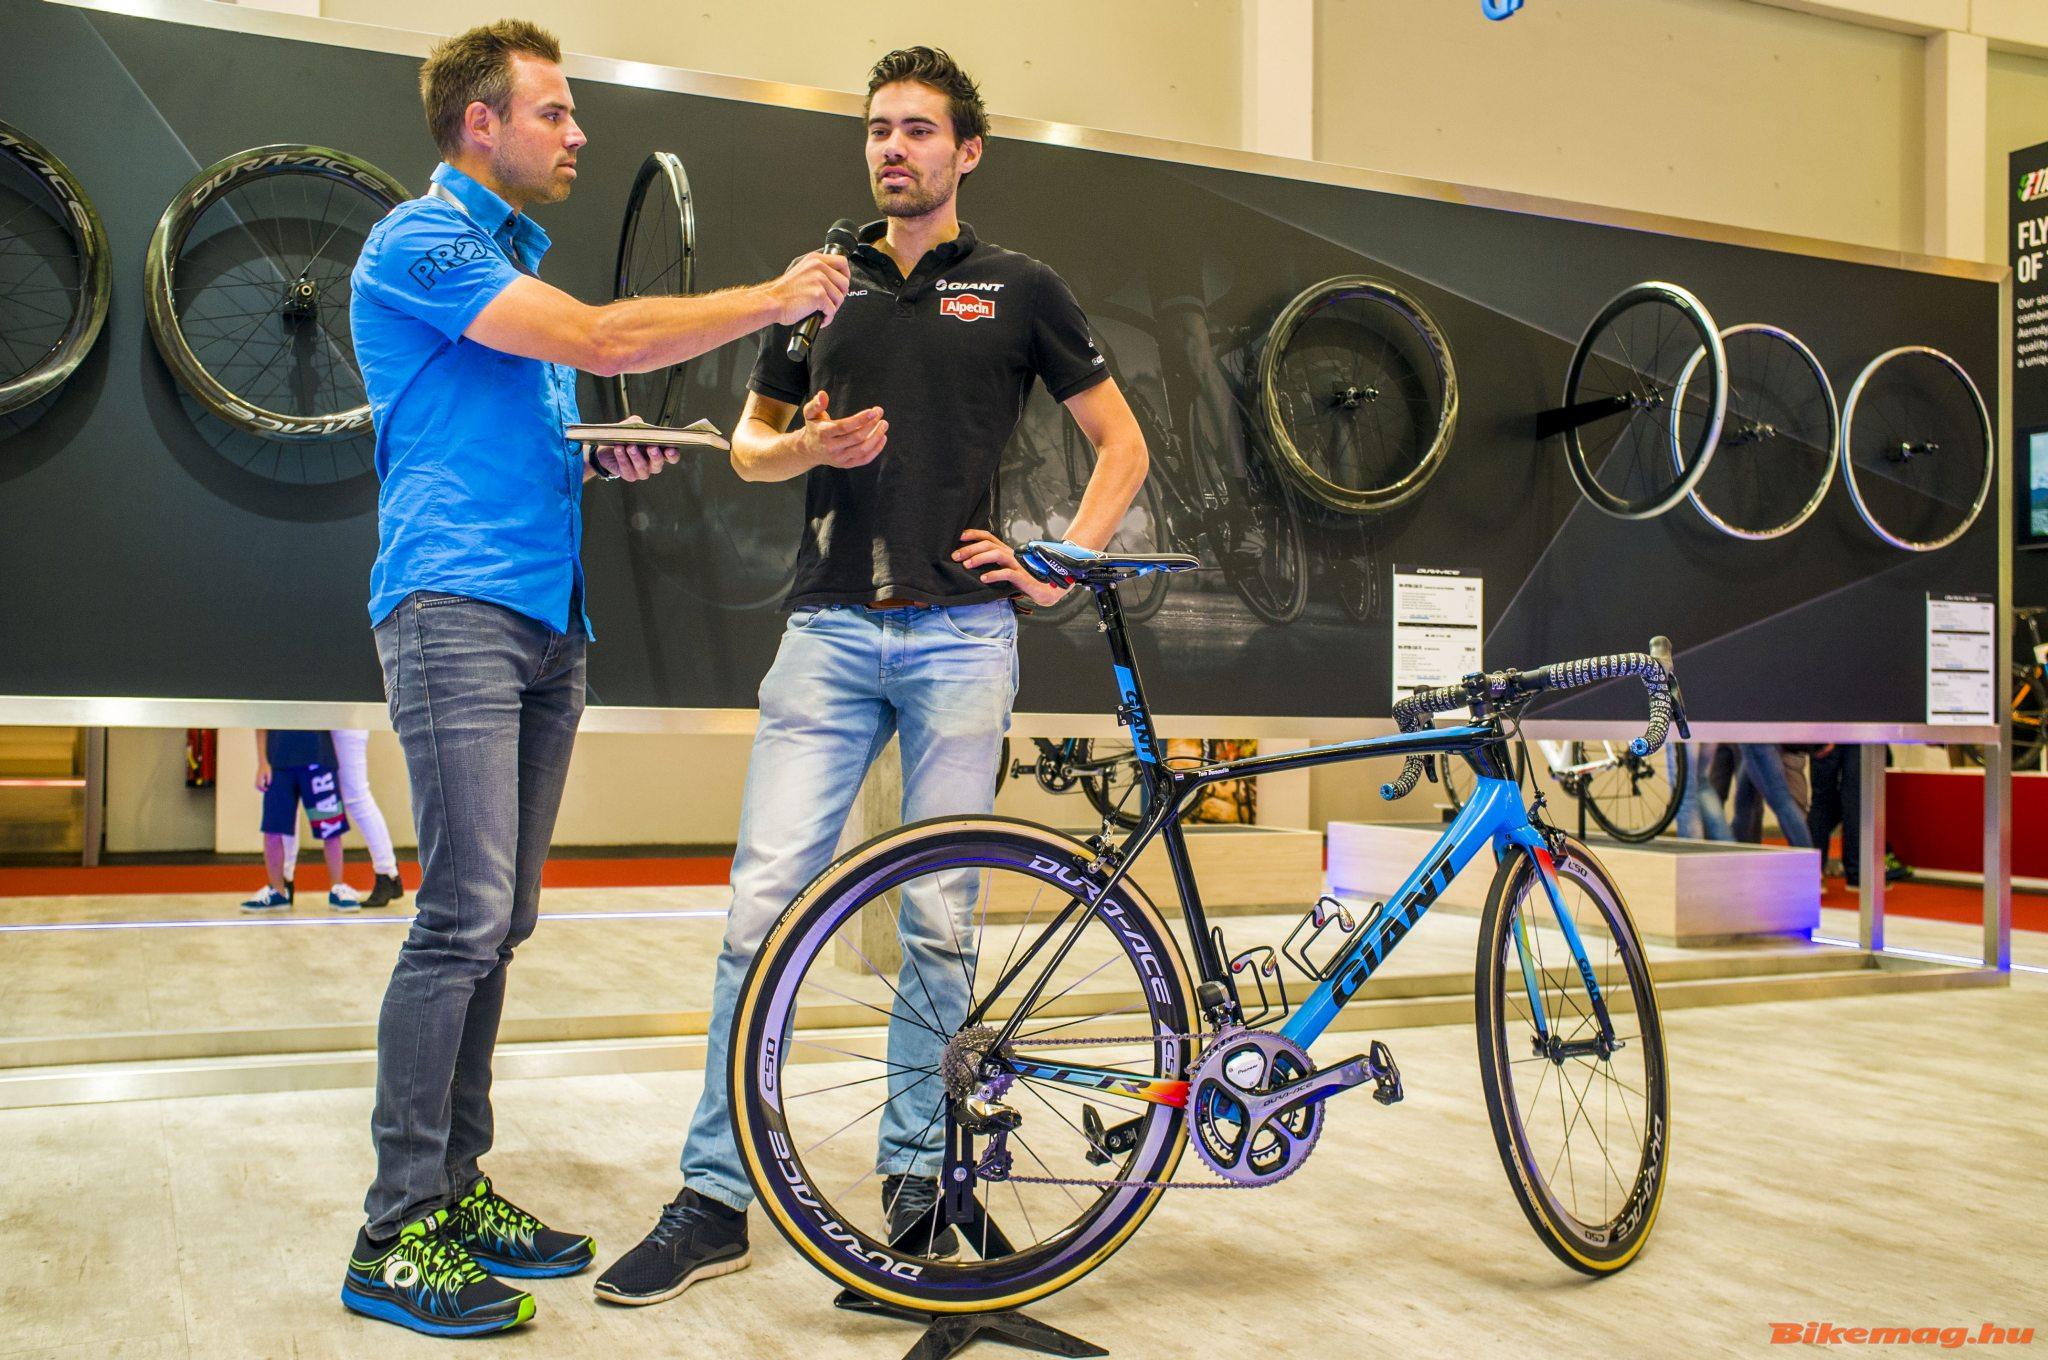 Például Tom Dumoulin először népszerűsítette a márkát az Eurobike-on